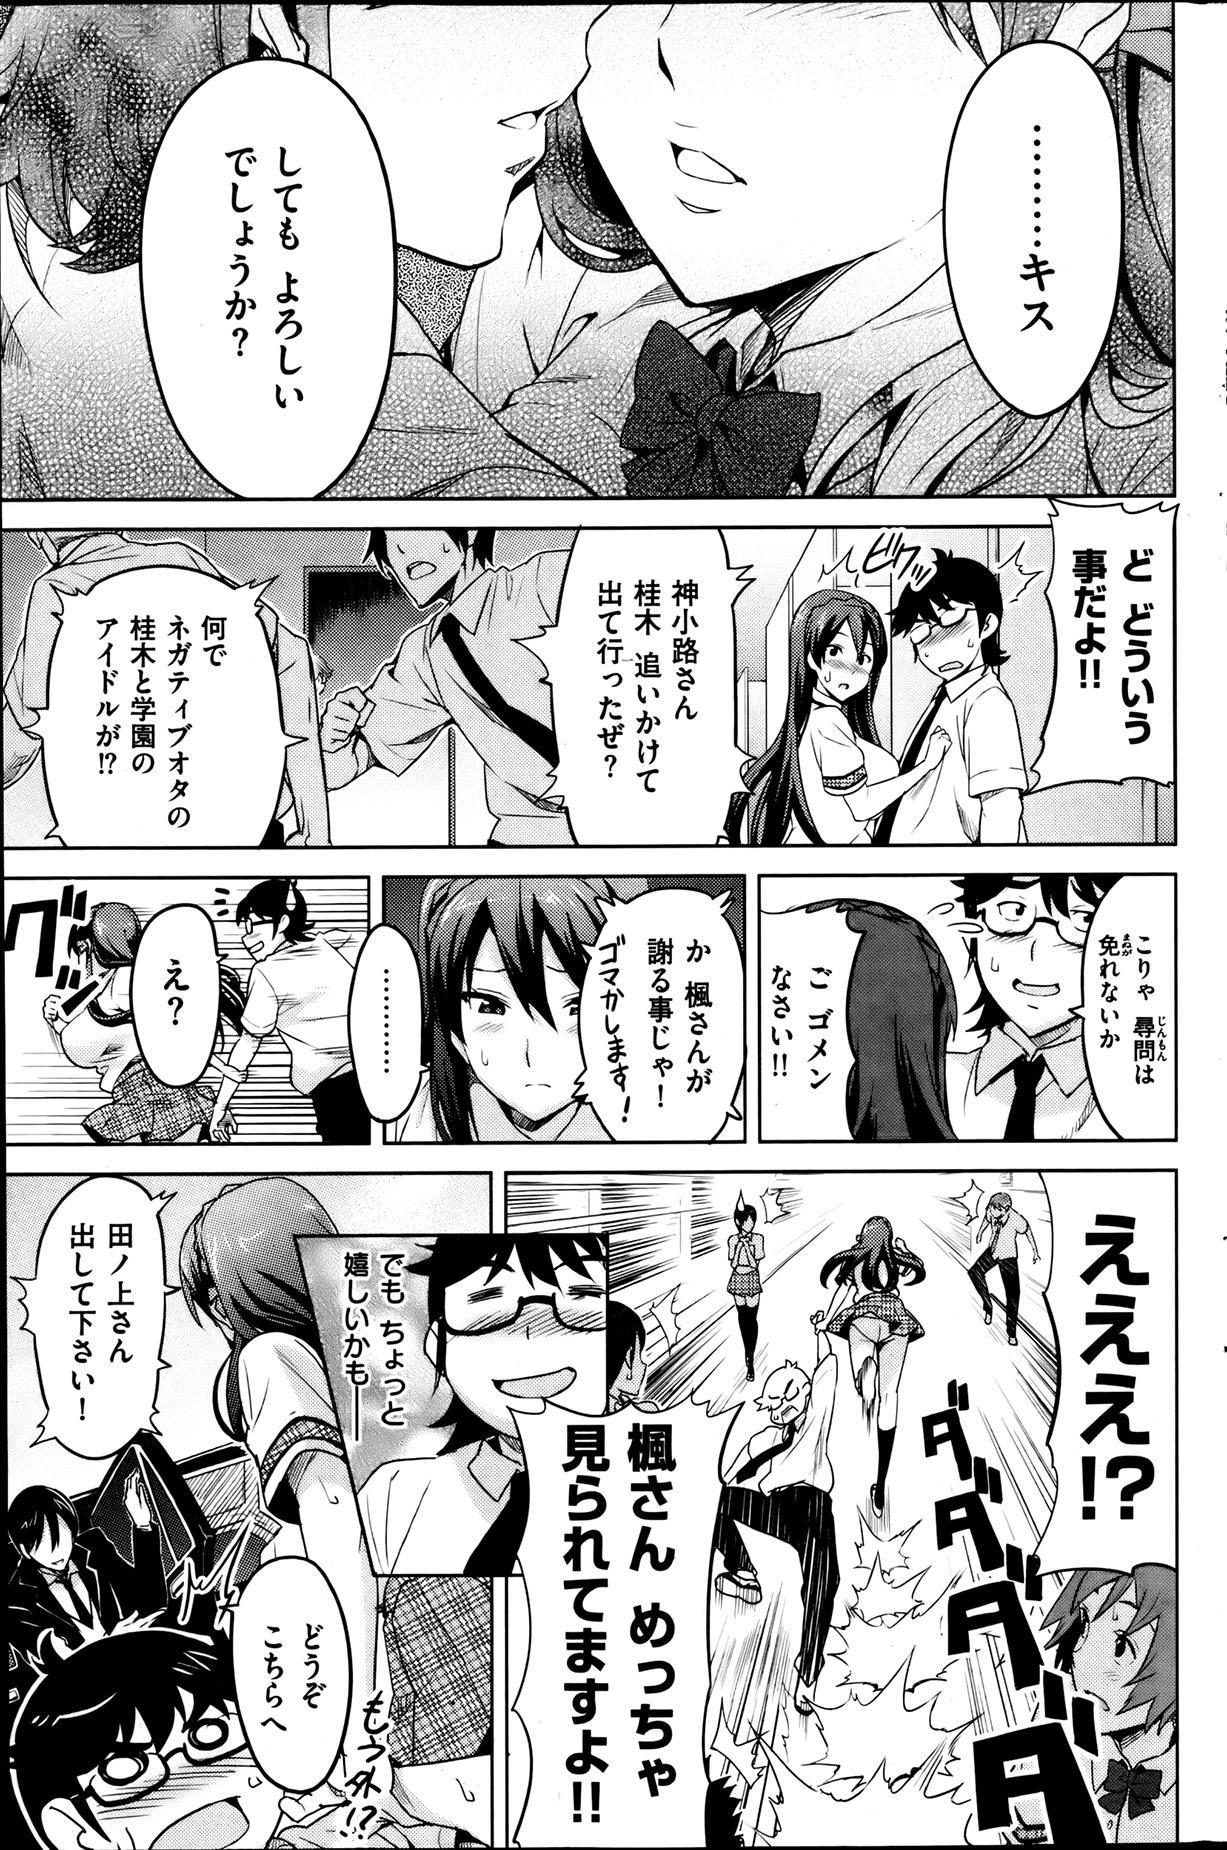 COMIC HANA-MAN 2013-08 Takeda Hiromitsu Tokushuu 176